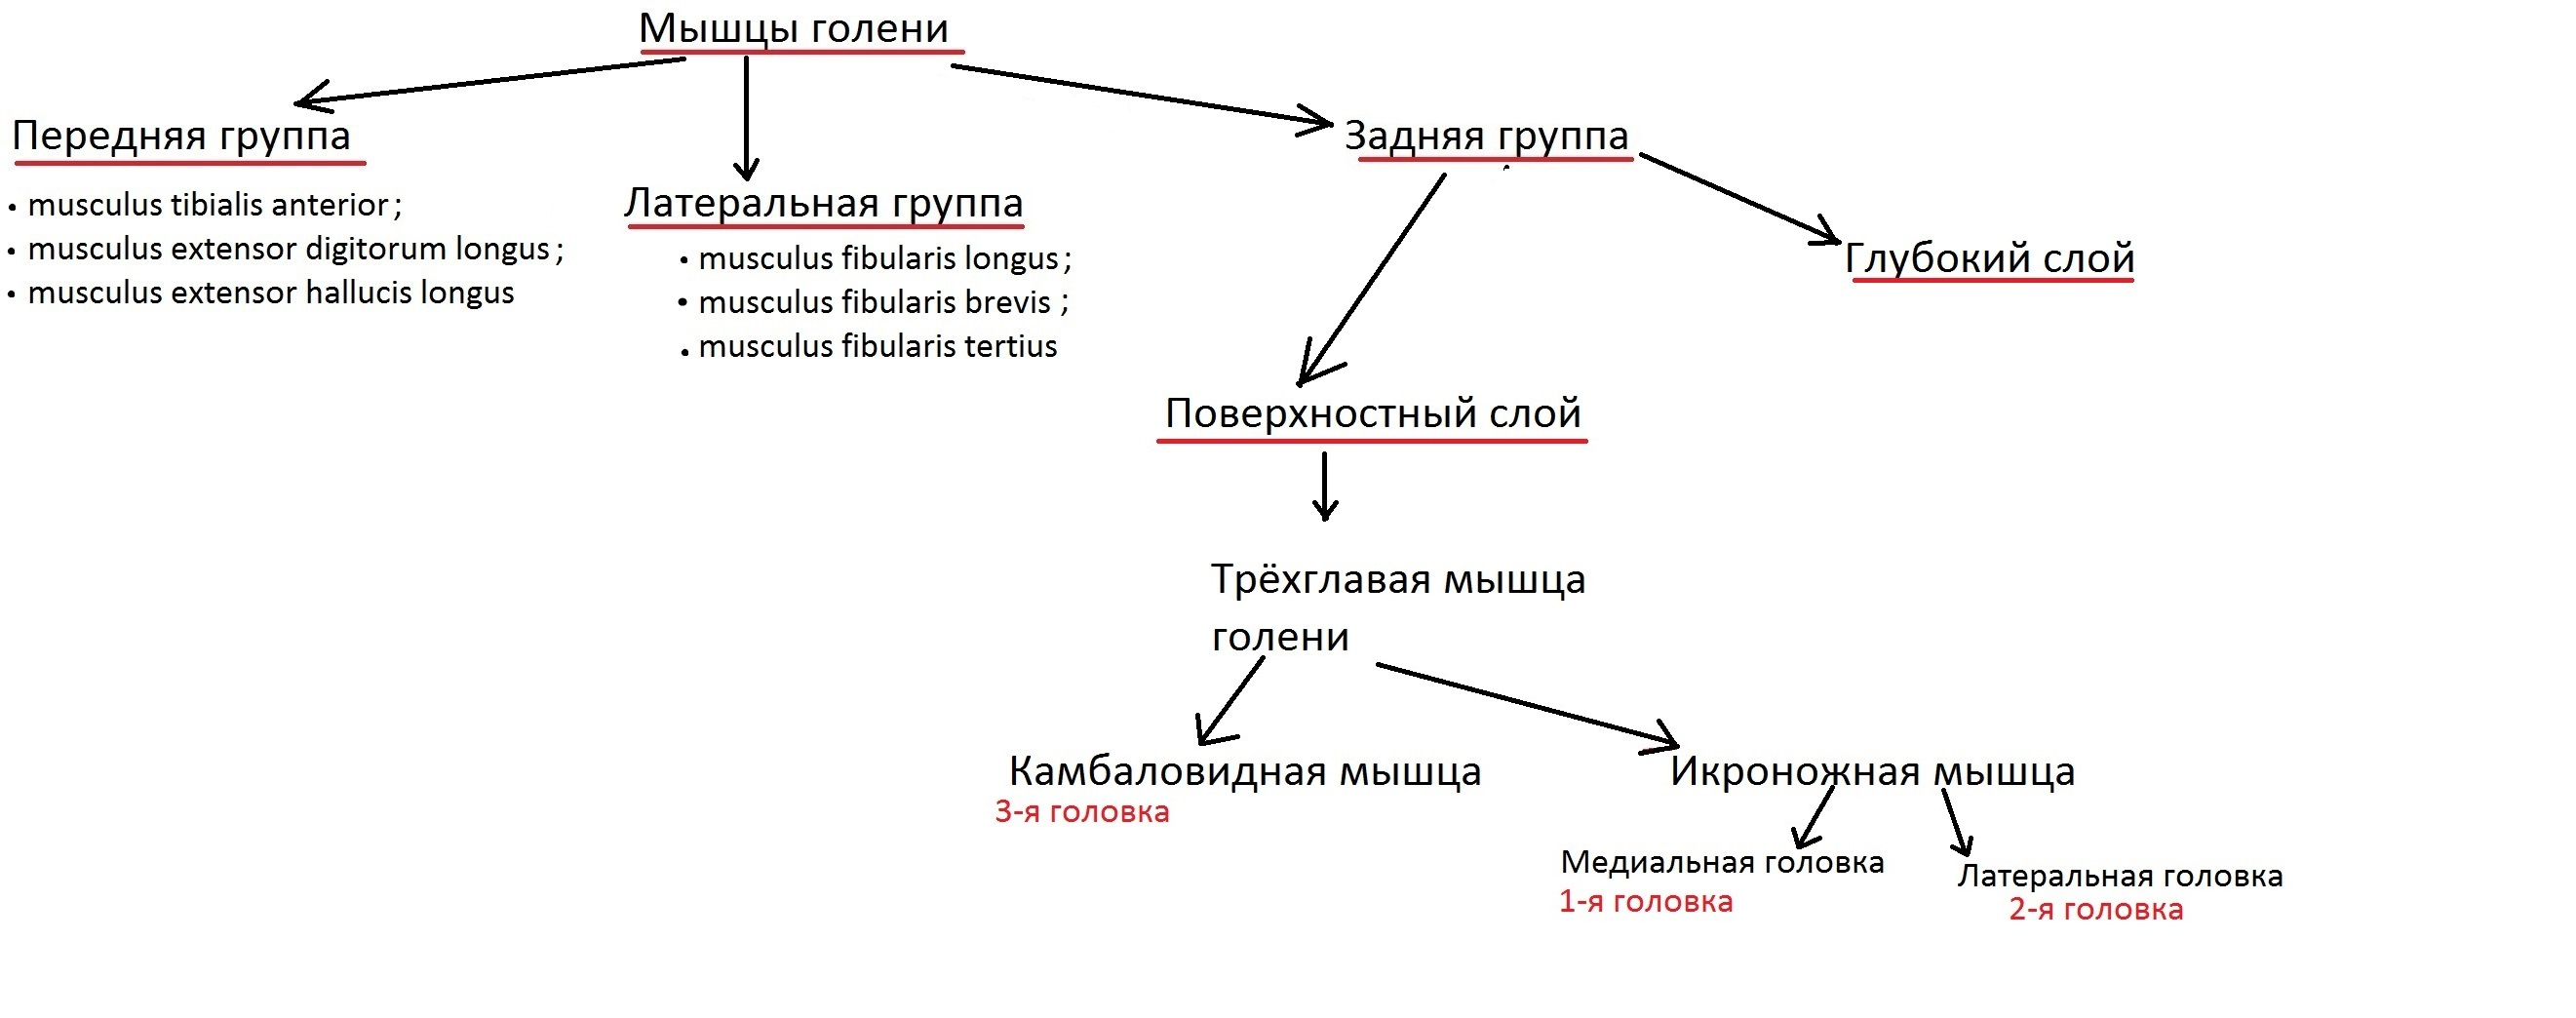 anatomia_myshc_goleni12